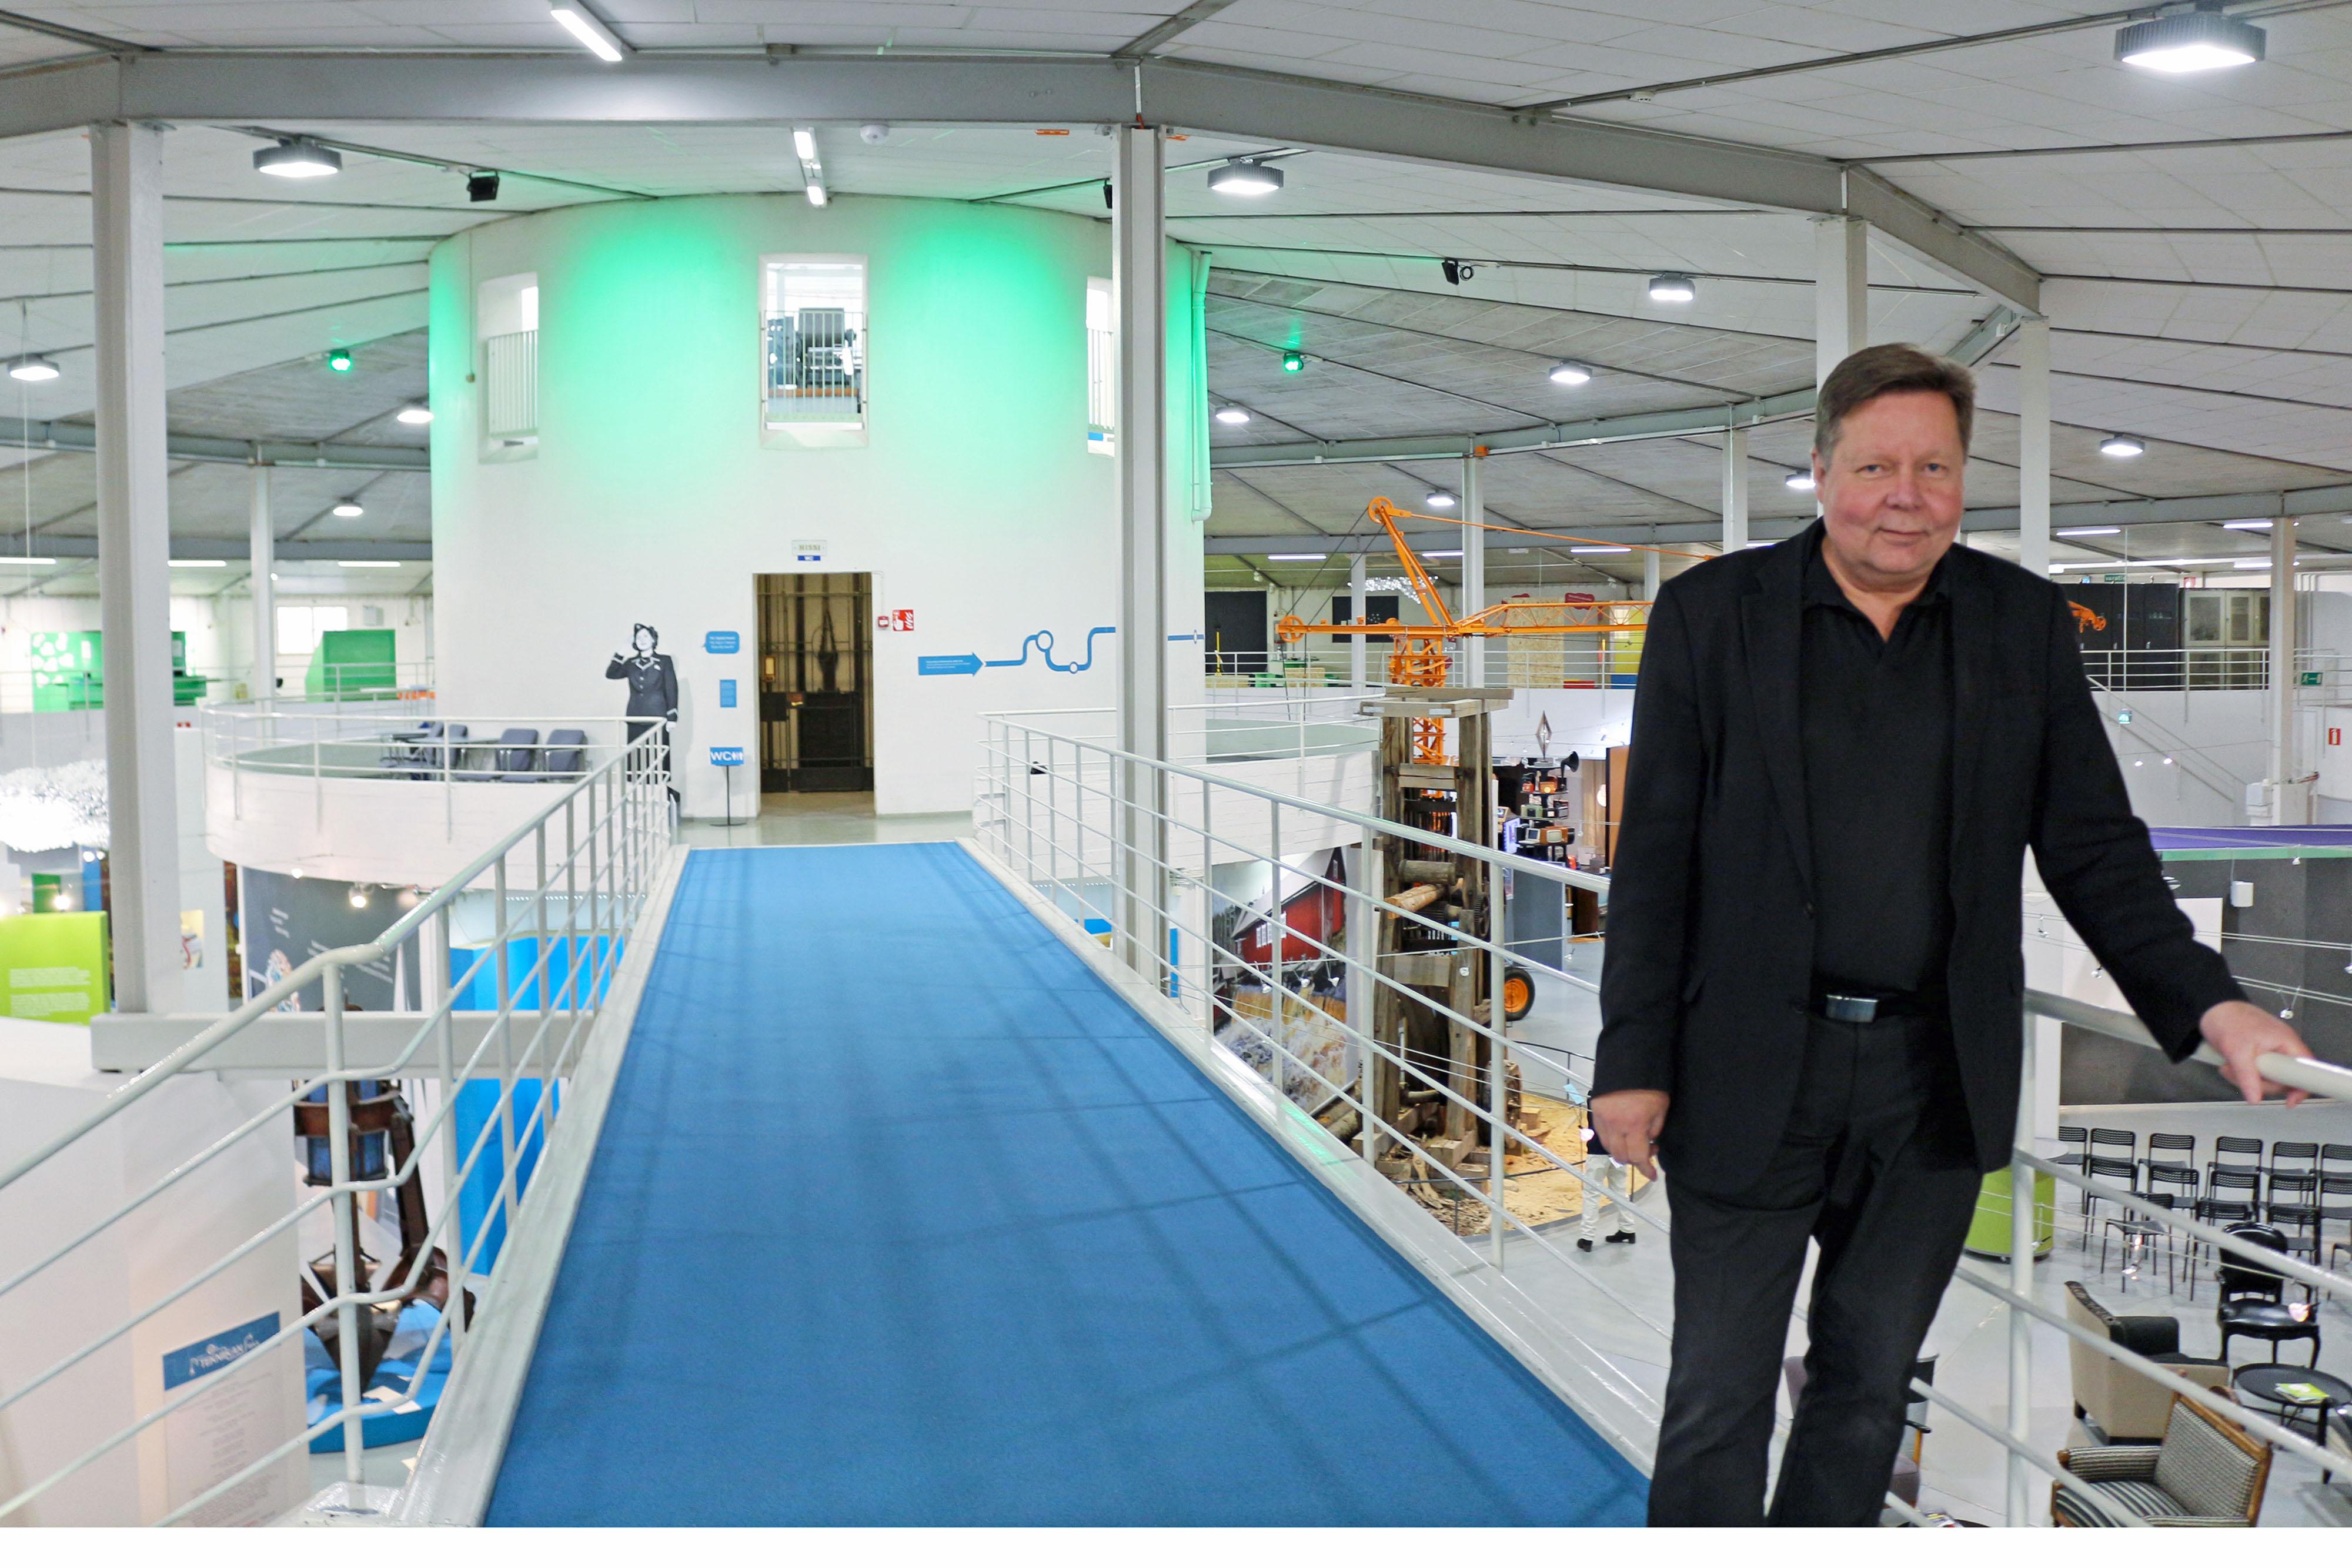 Museoinsinööri Raimo Paappa hymyilee työpaikallaan Tekniikan museon näyttelytiloissa